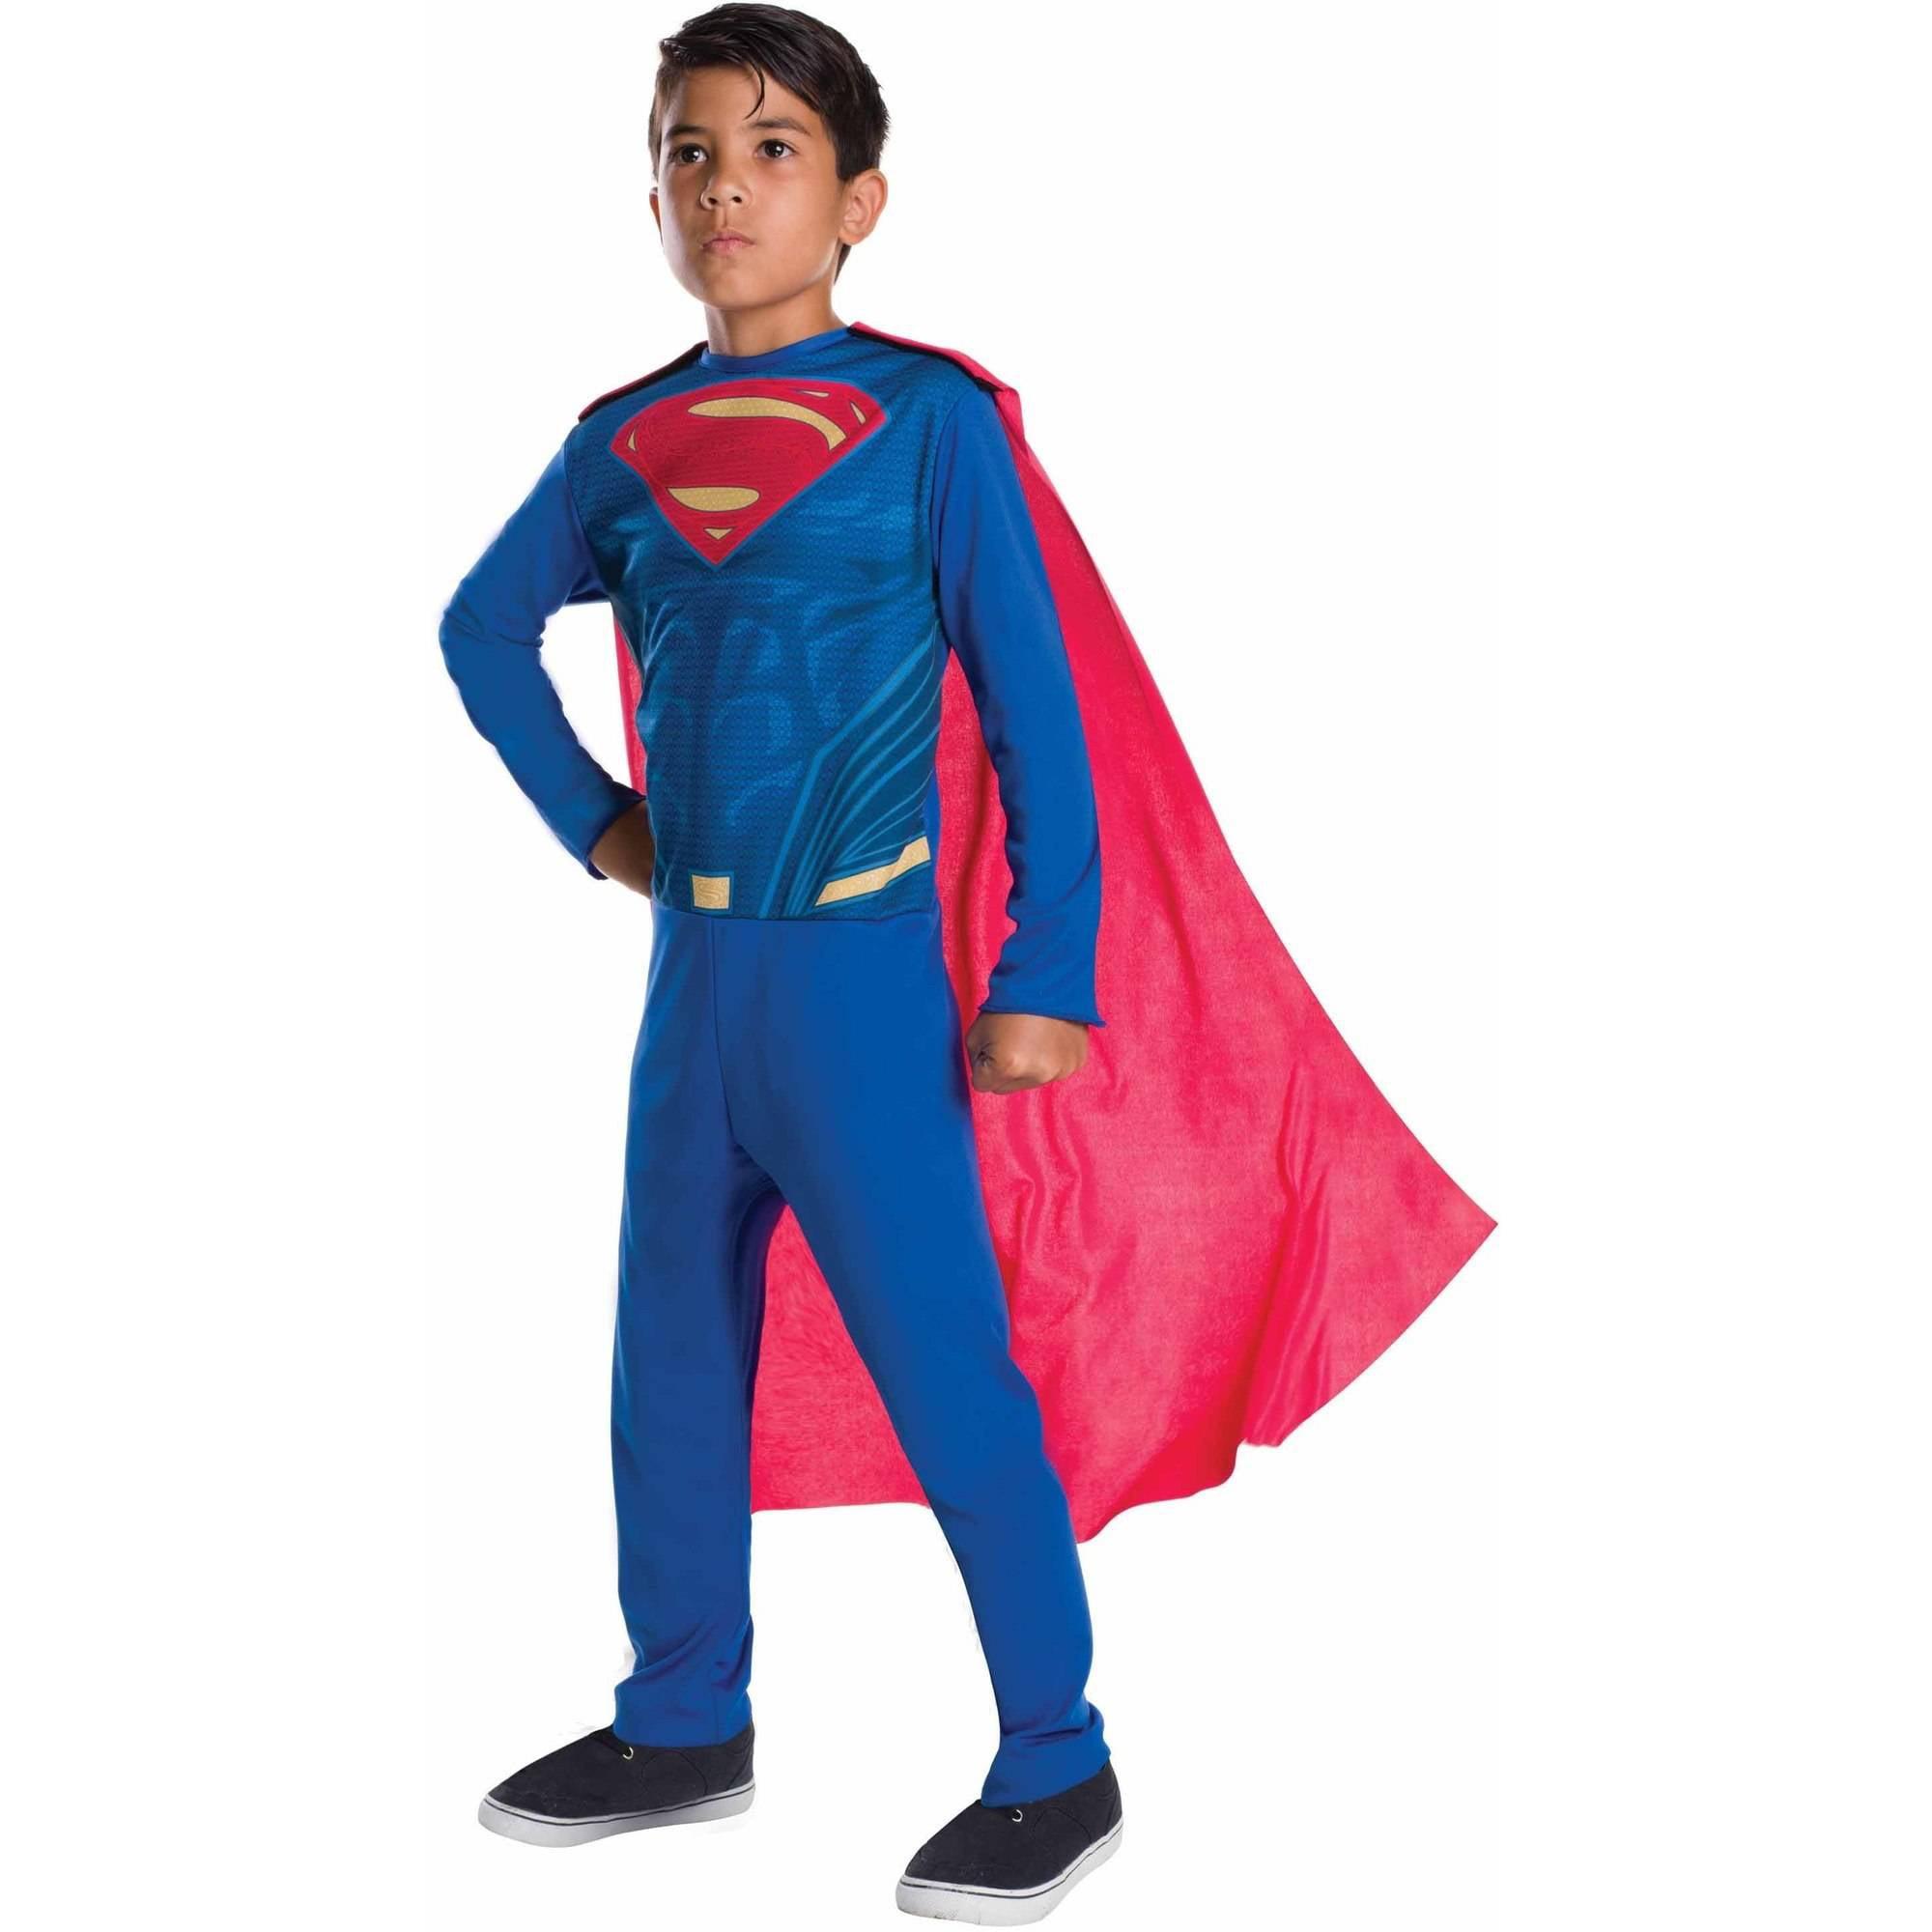 Justice League Superman Child's Costume, Medium (8-10)